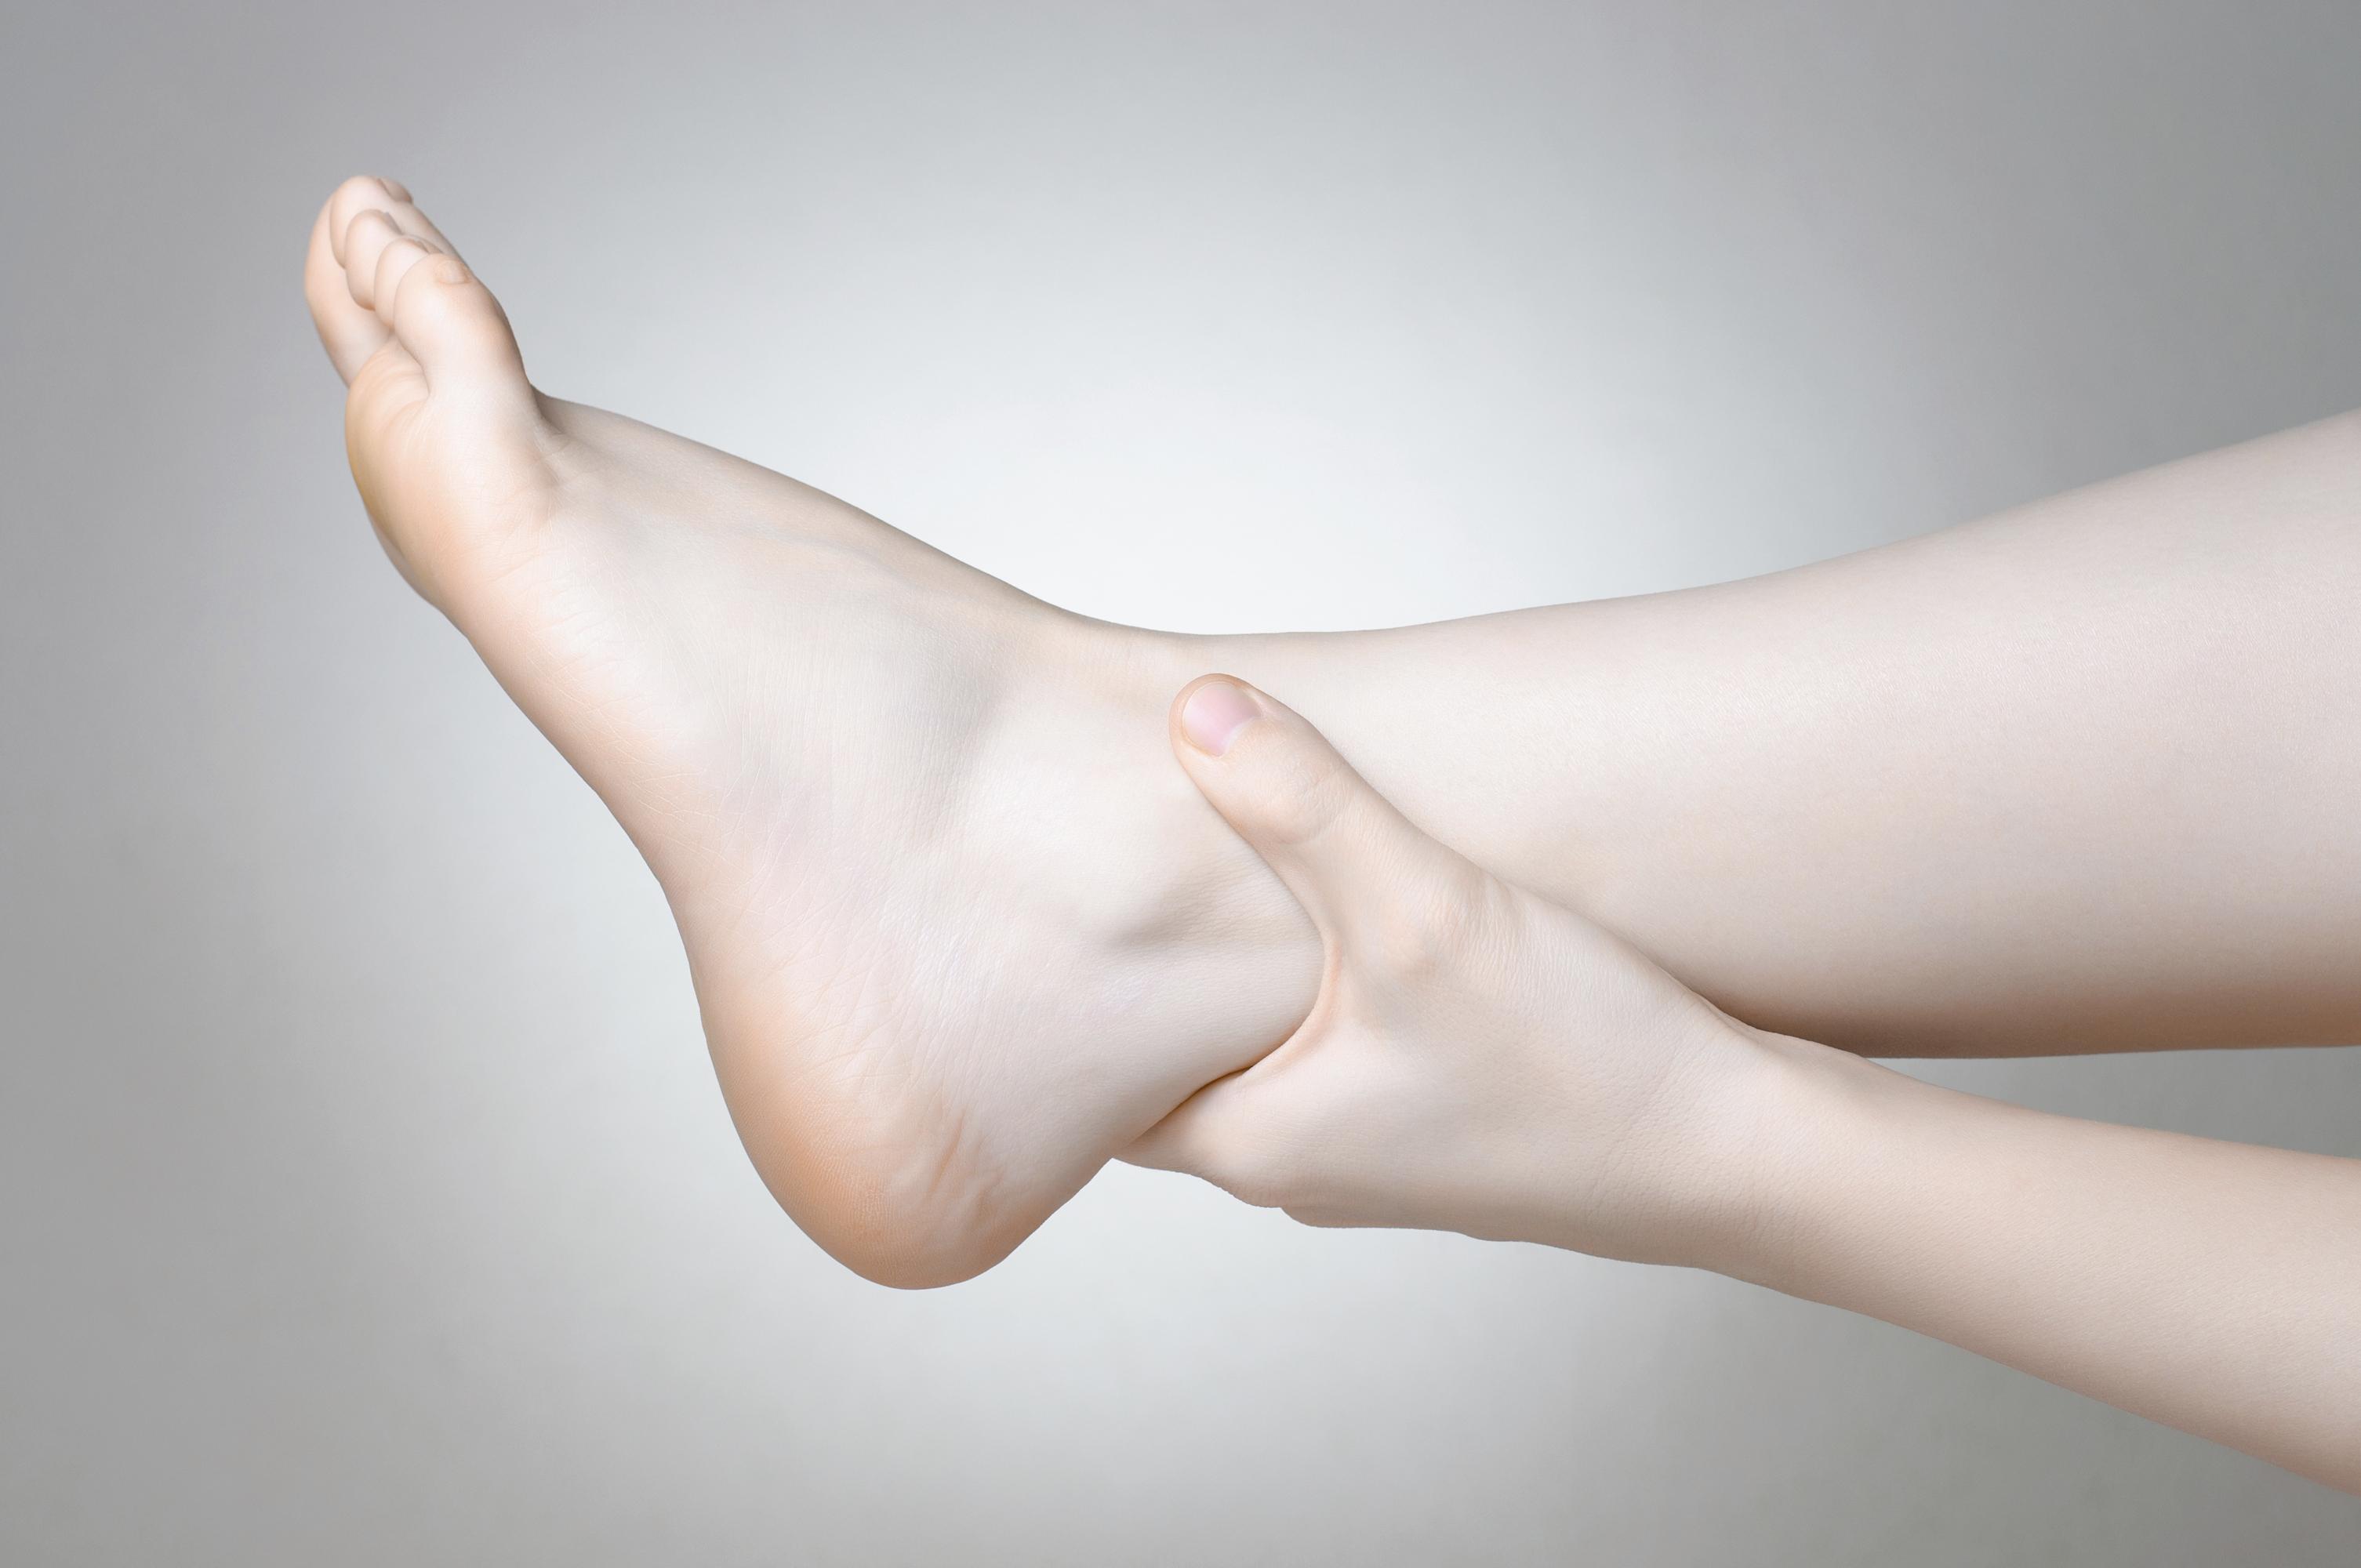 şişmiş ayak bileği